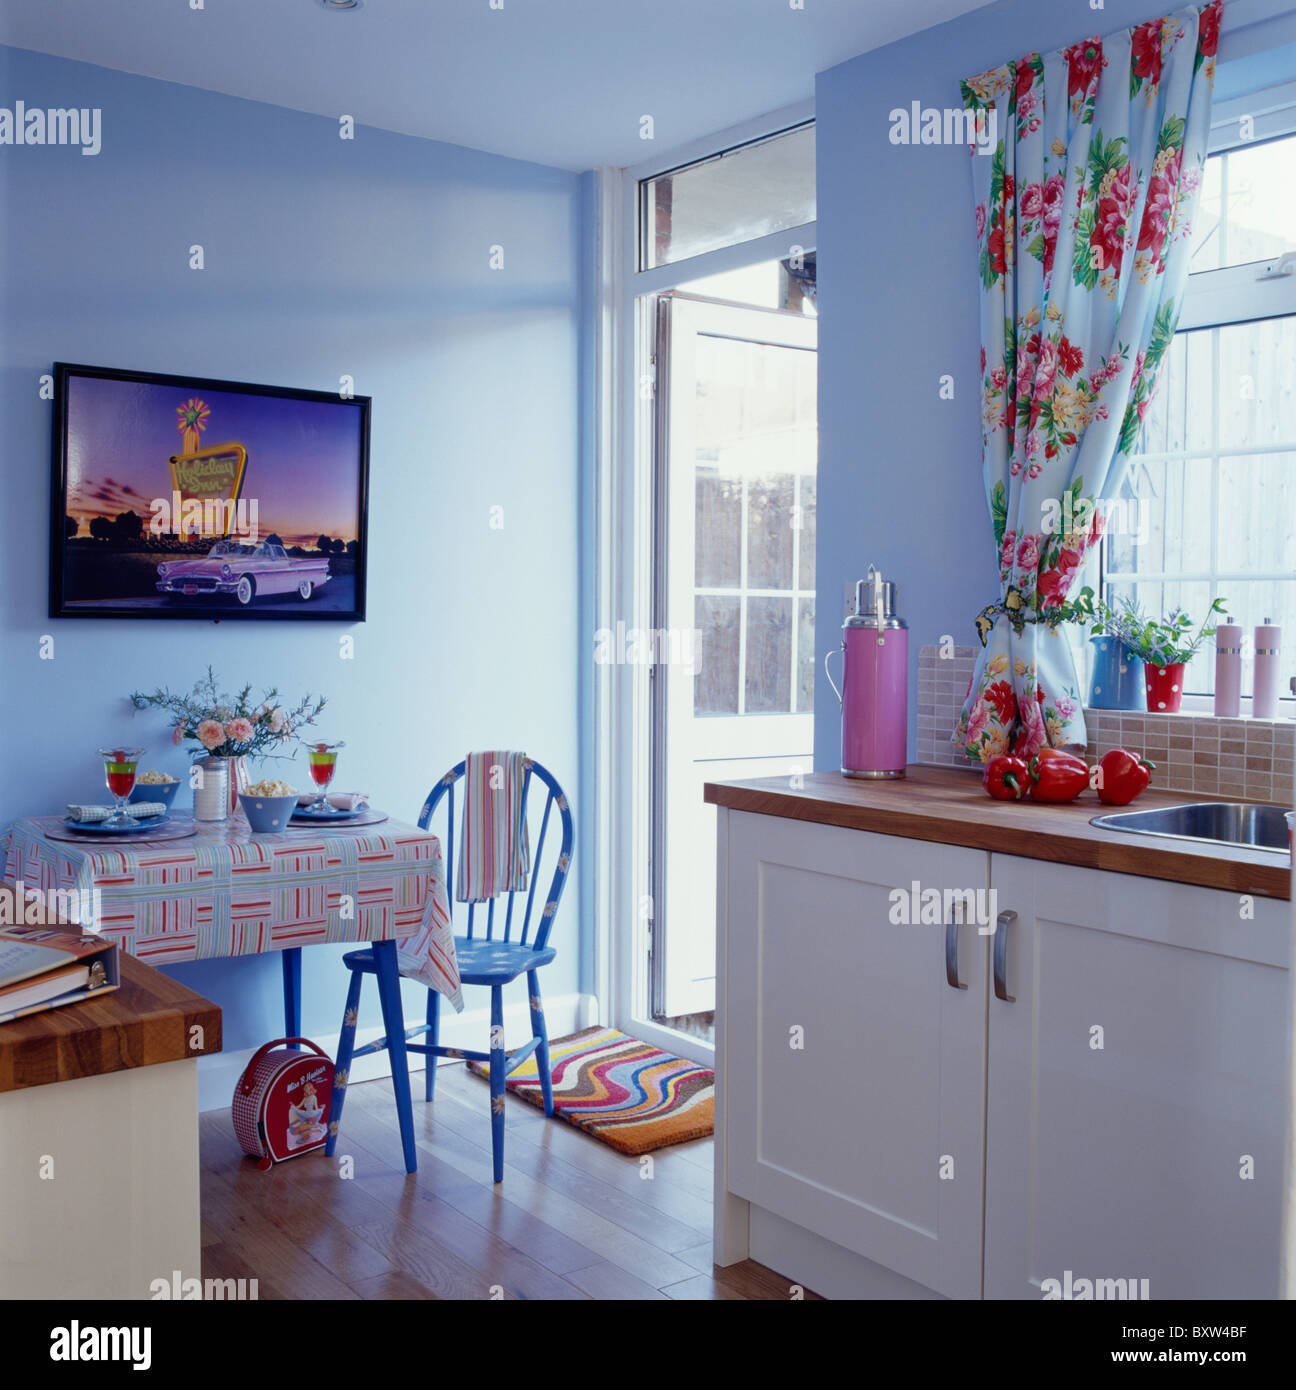 Großes Bild an die Wand über dem kleinen Tisch und Stuhl in blassen ...